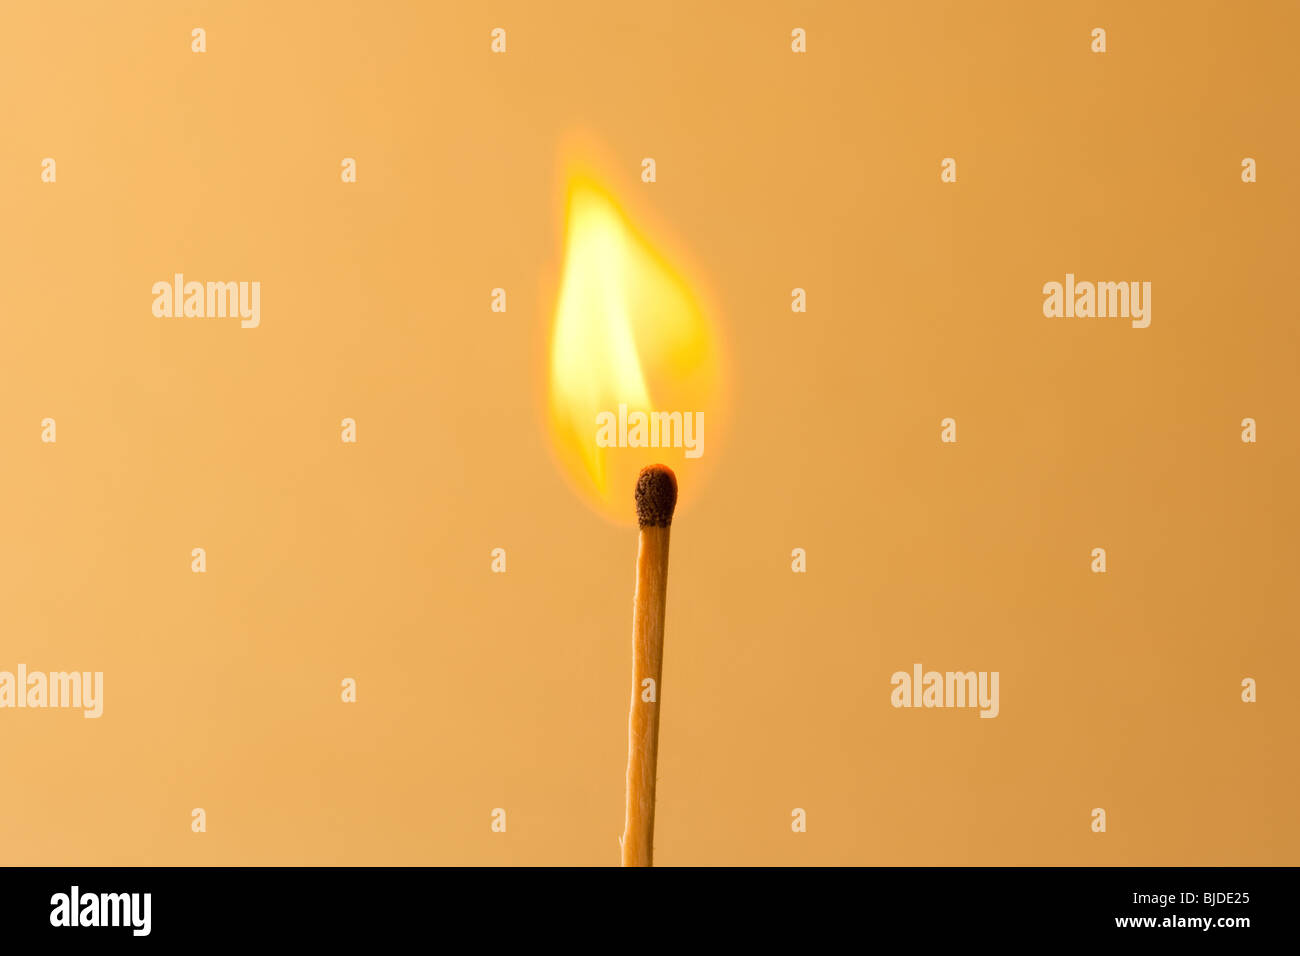 Burning Match against an orange background - Stock Image